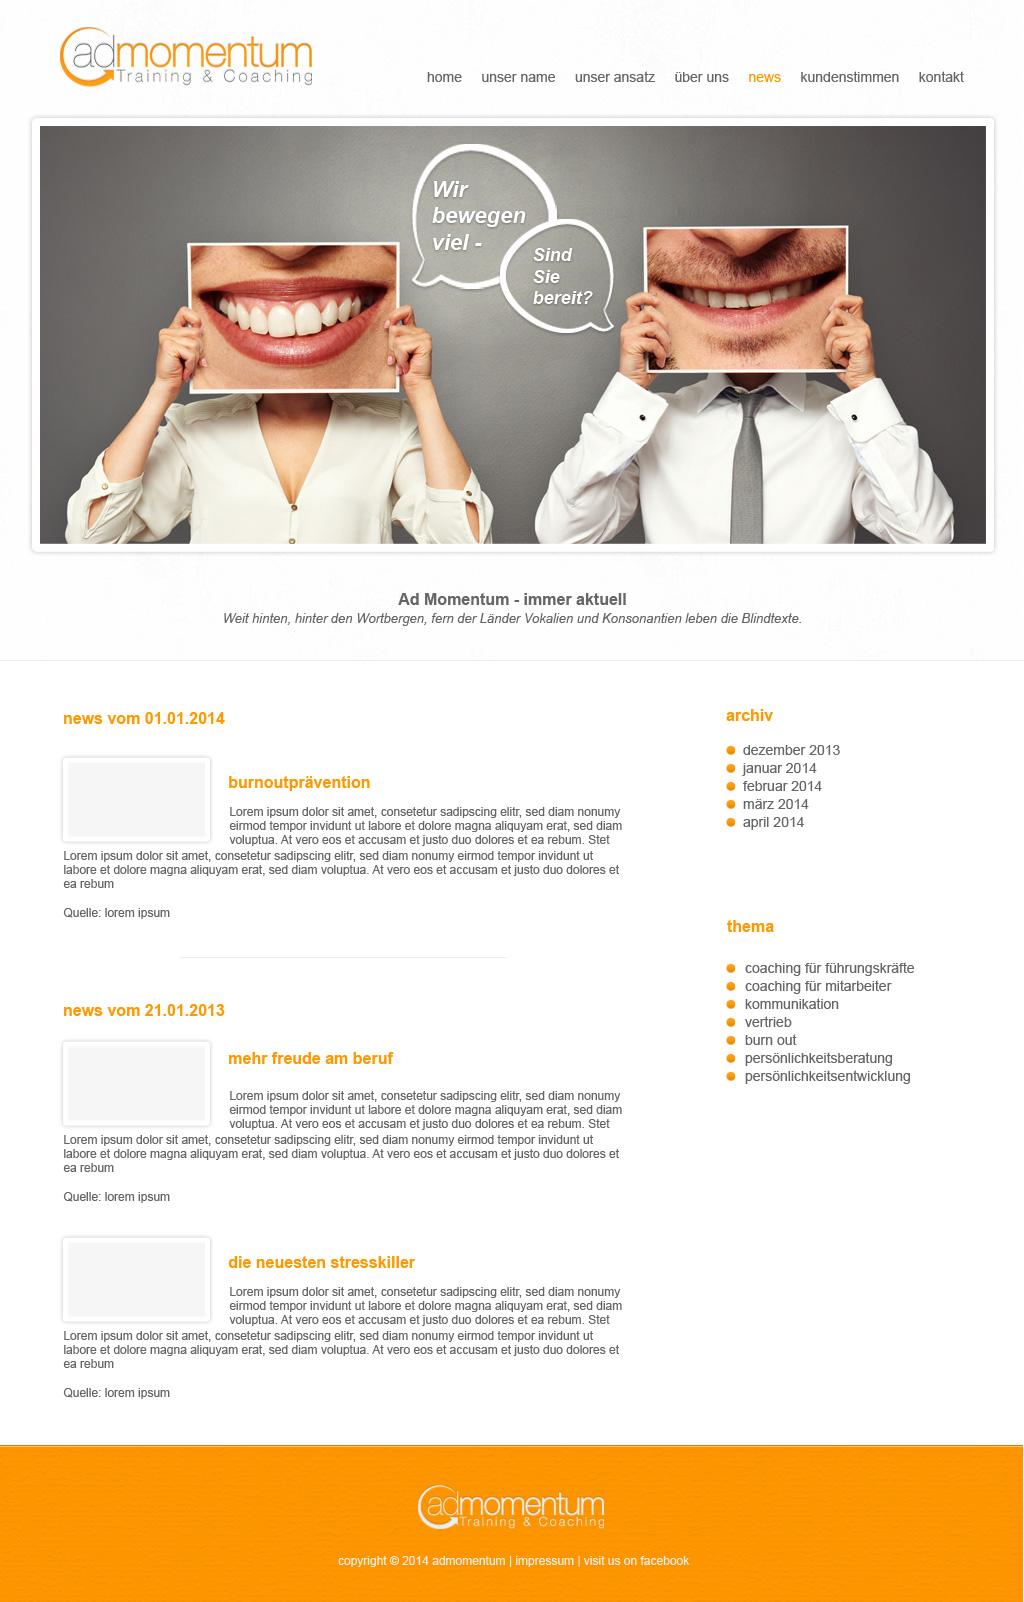 Design #62 von Antje